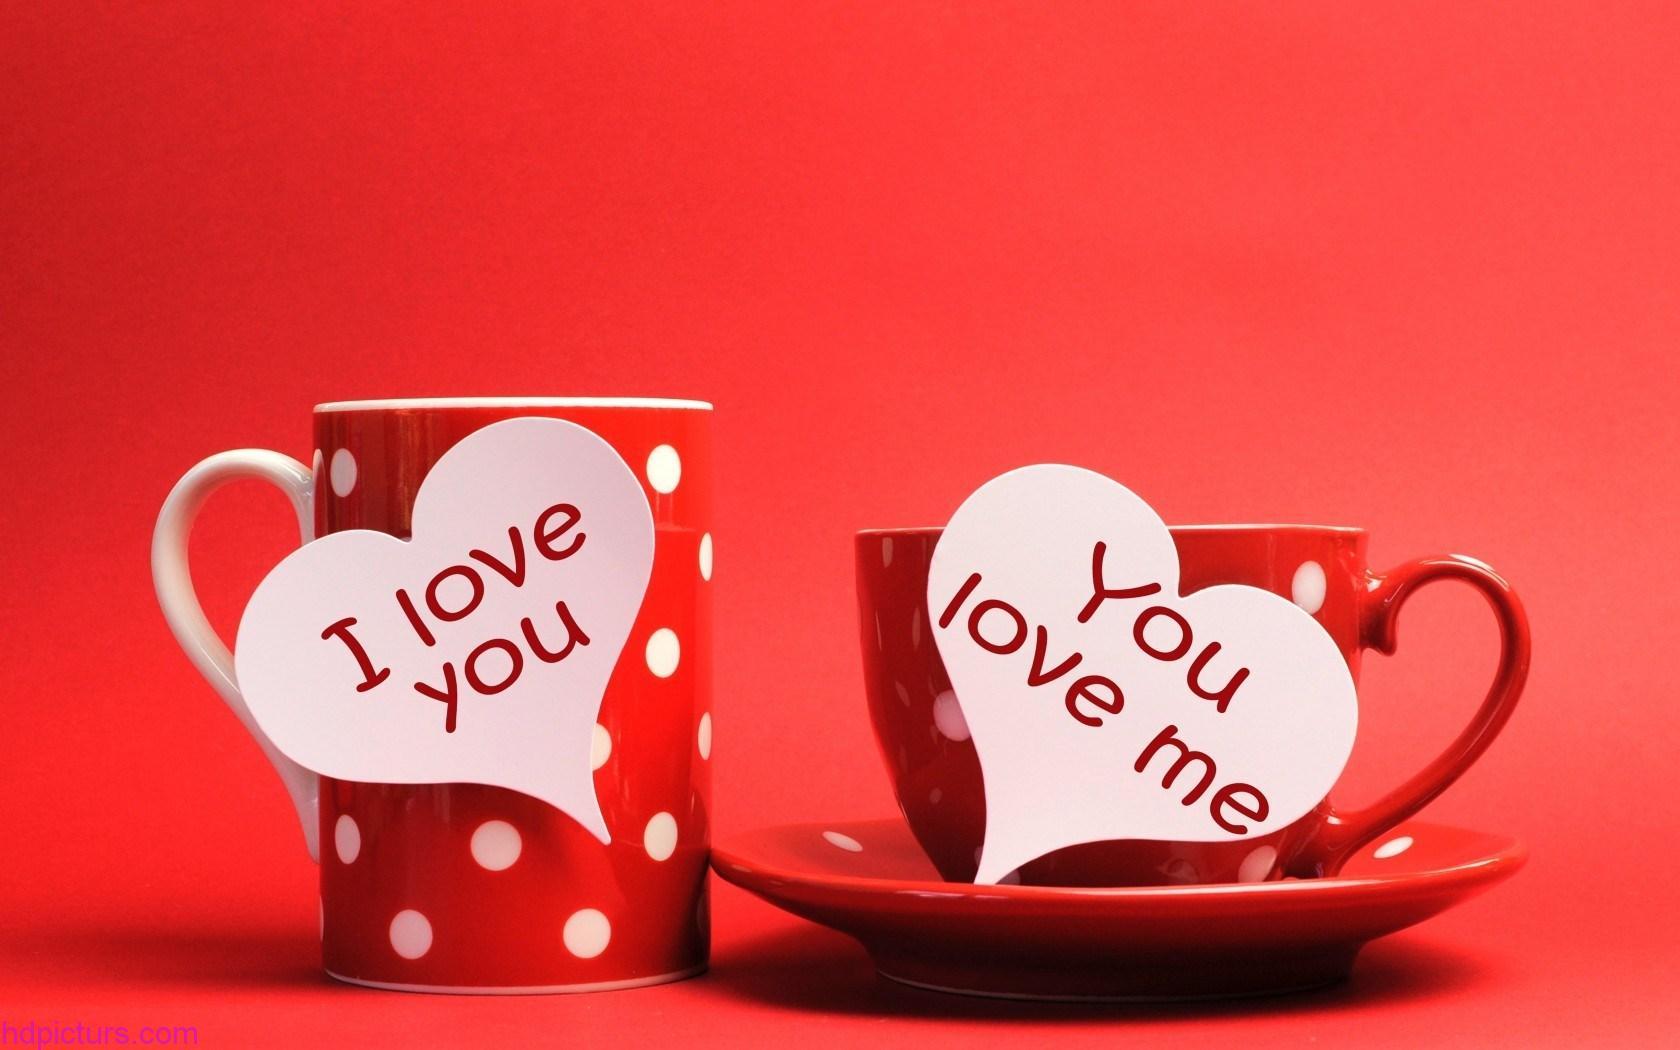 بالصور صور لعيد الحب , قبلات حمراء ومواعيد غرامية ابرز مشاهد الفلانتين 1819 4